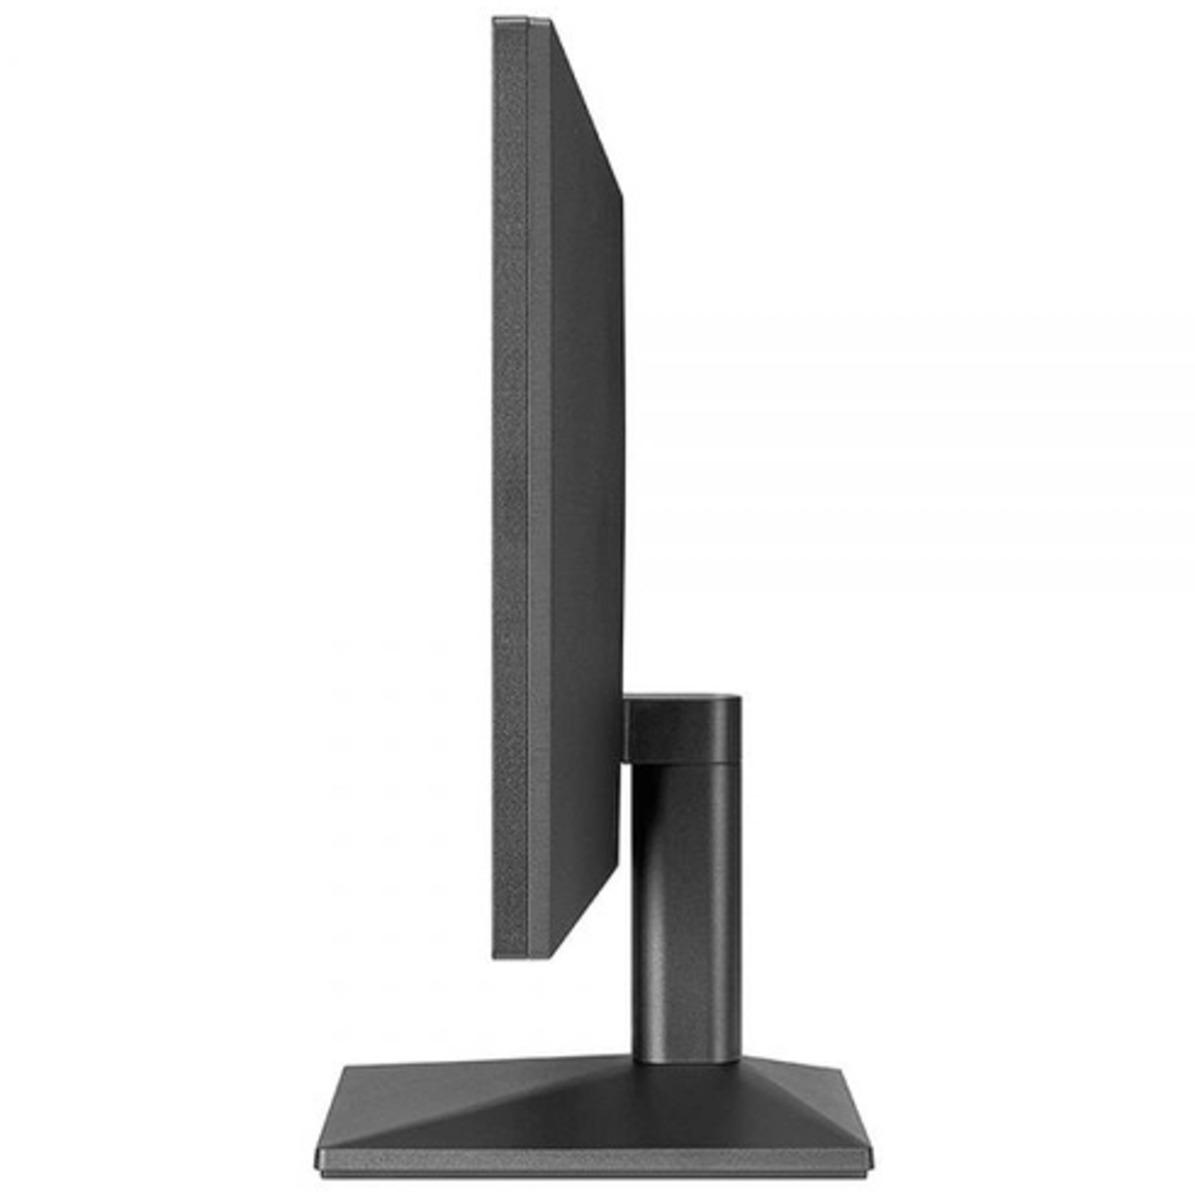 Monitor LED 19.5 Polegadas HDMI/VGA com Ajuste de Inclinação 20MK400H-B LG